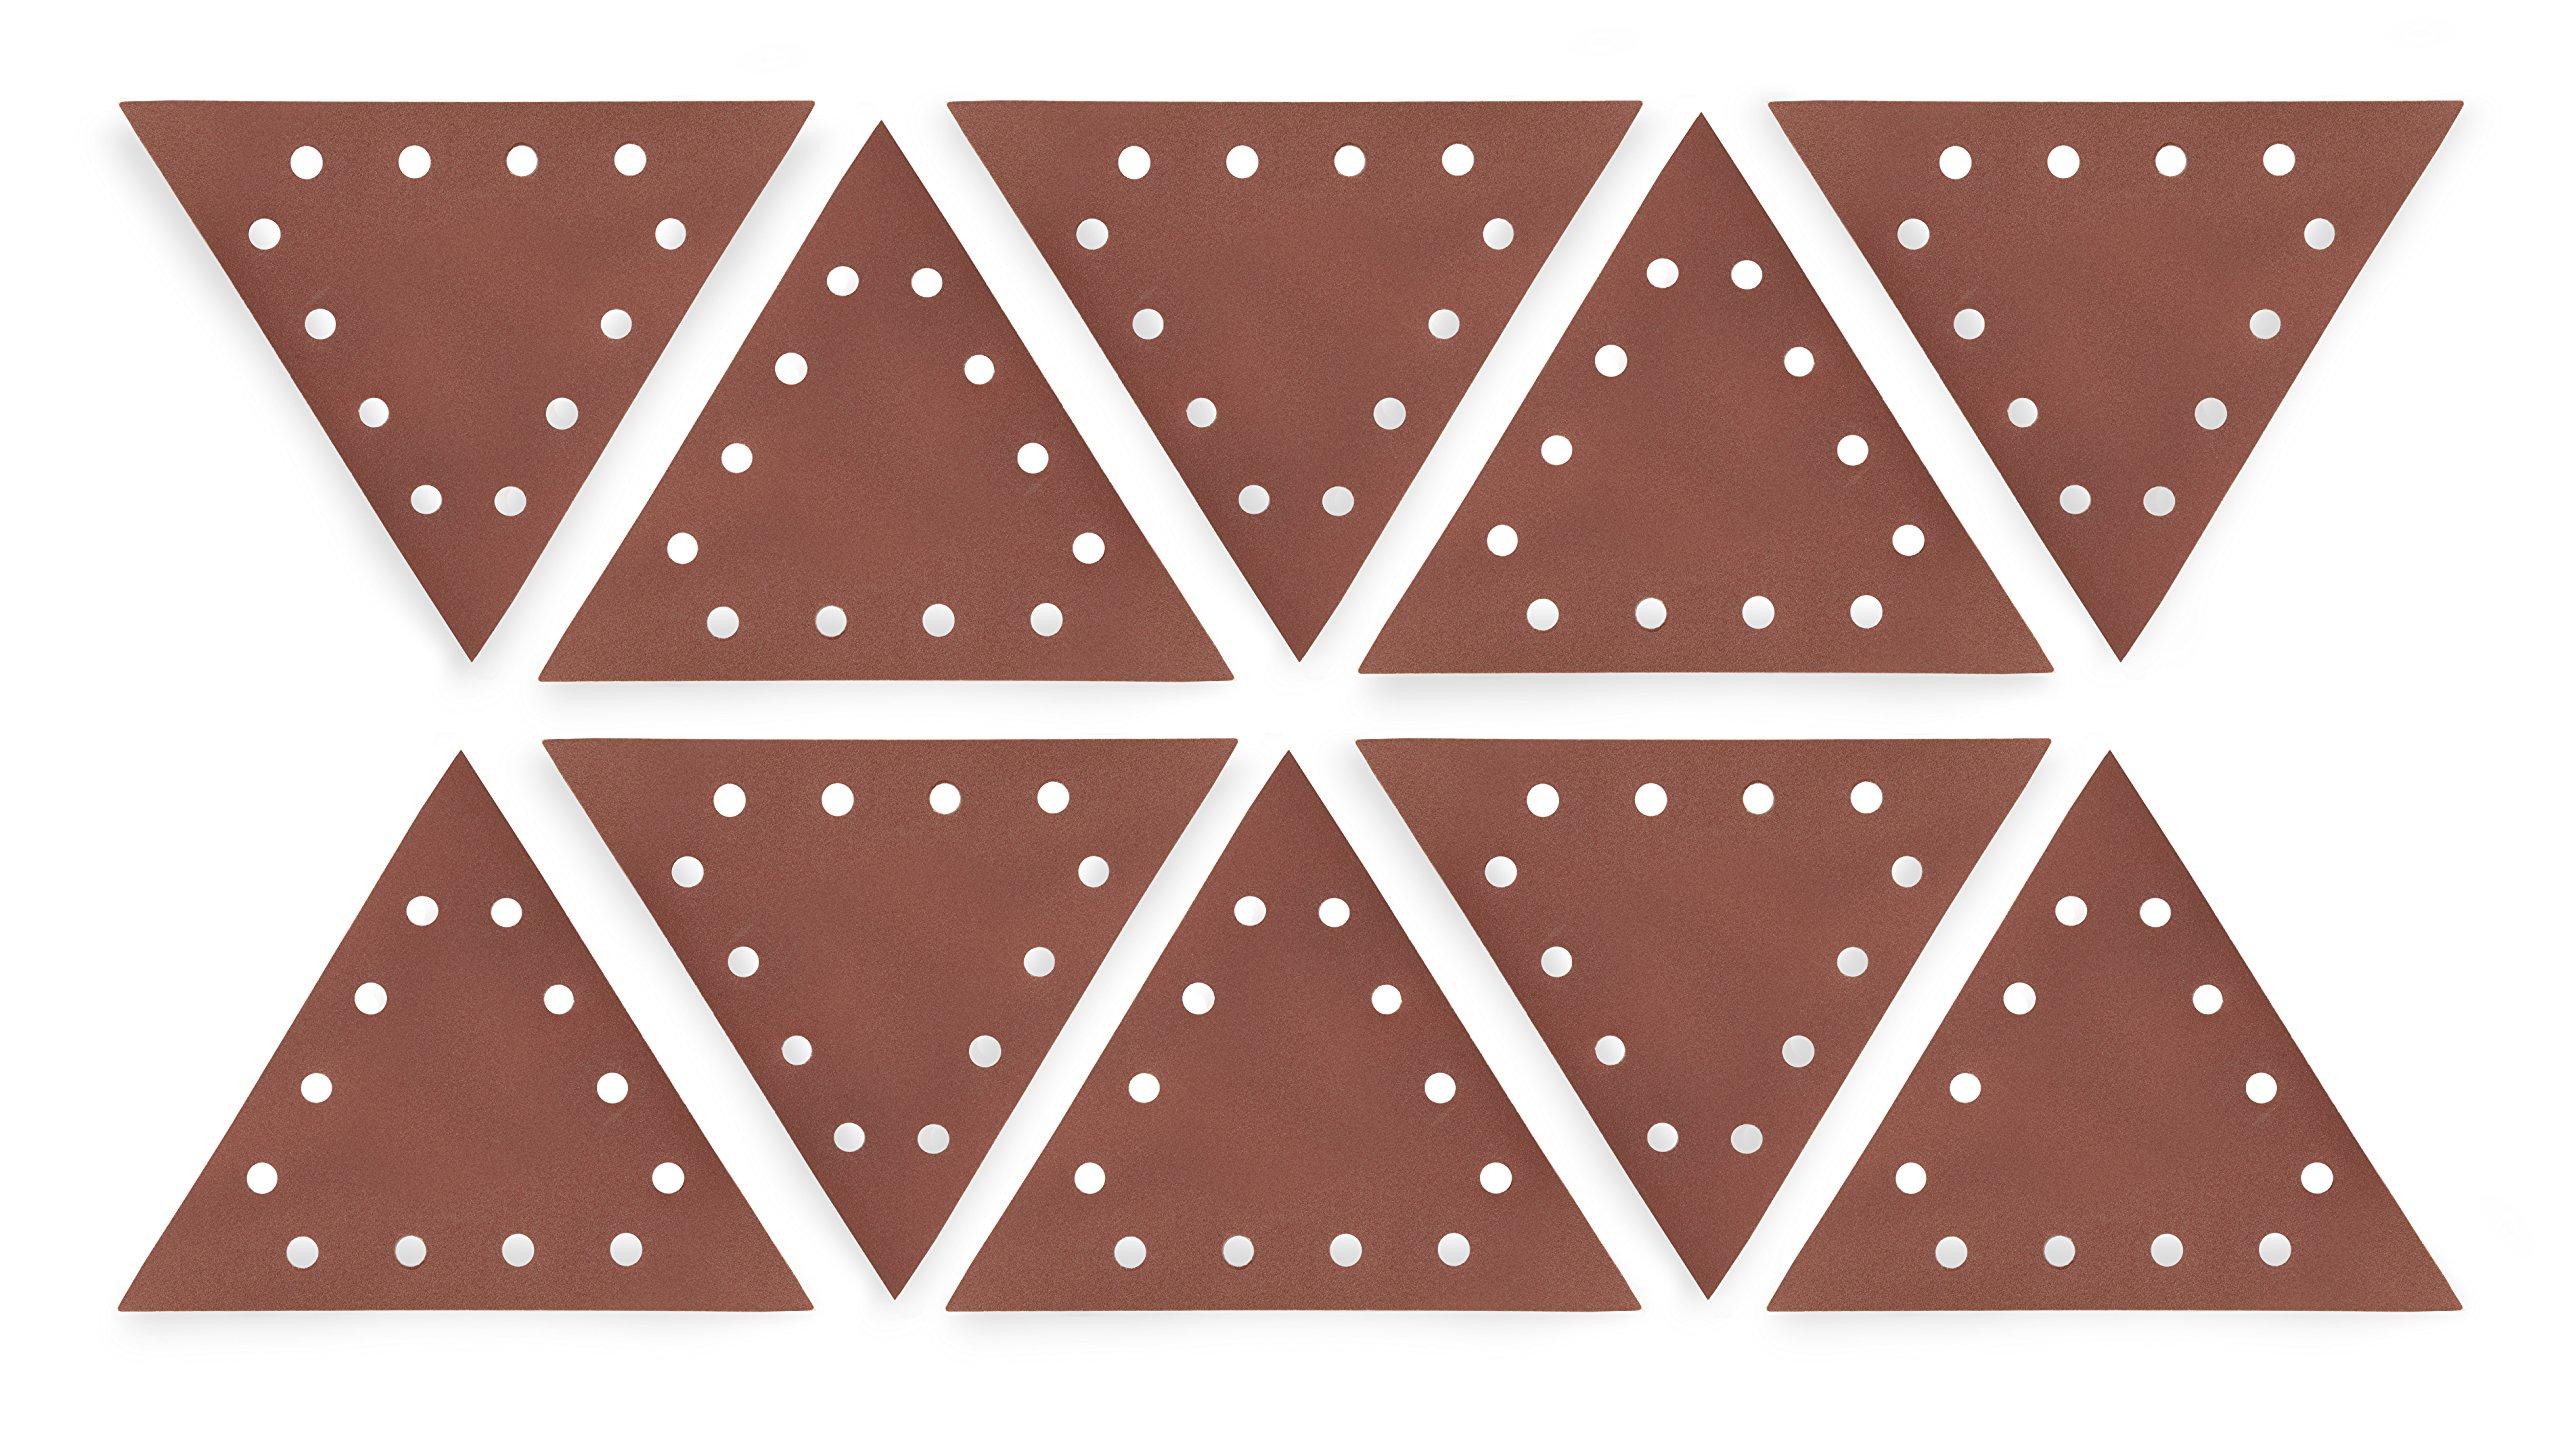 WEN 6377SP240 Drywall Sander 240-Grit Hook & Loop 11-1/4'' Triangle Sandpaper, 10 Pack by WEN